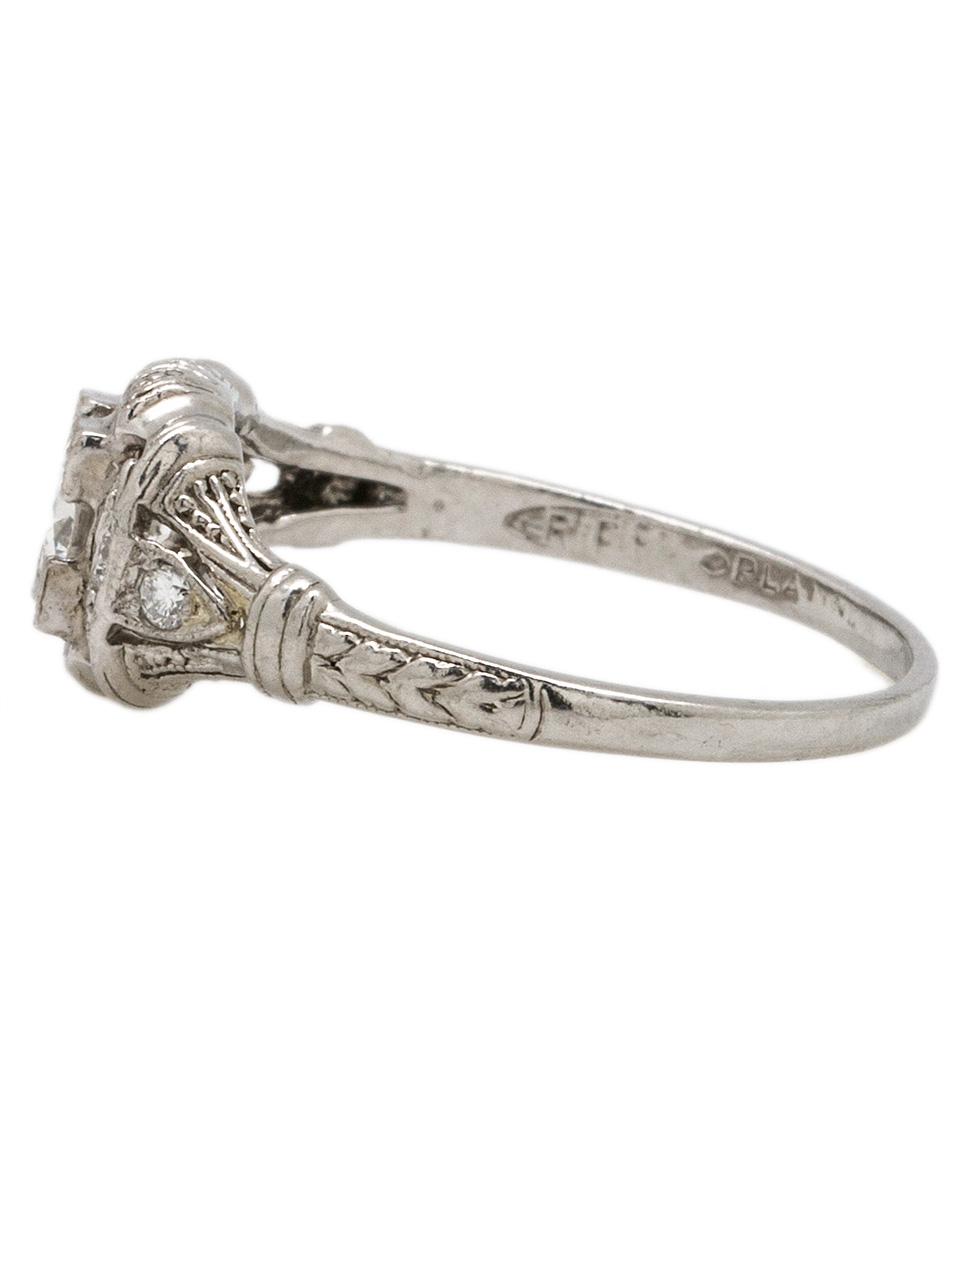 Vintage Art Deco Platinum Engagement Ring 0.36ct OEC G-SI1 circa 1930s